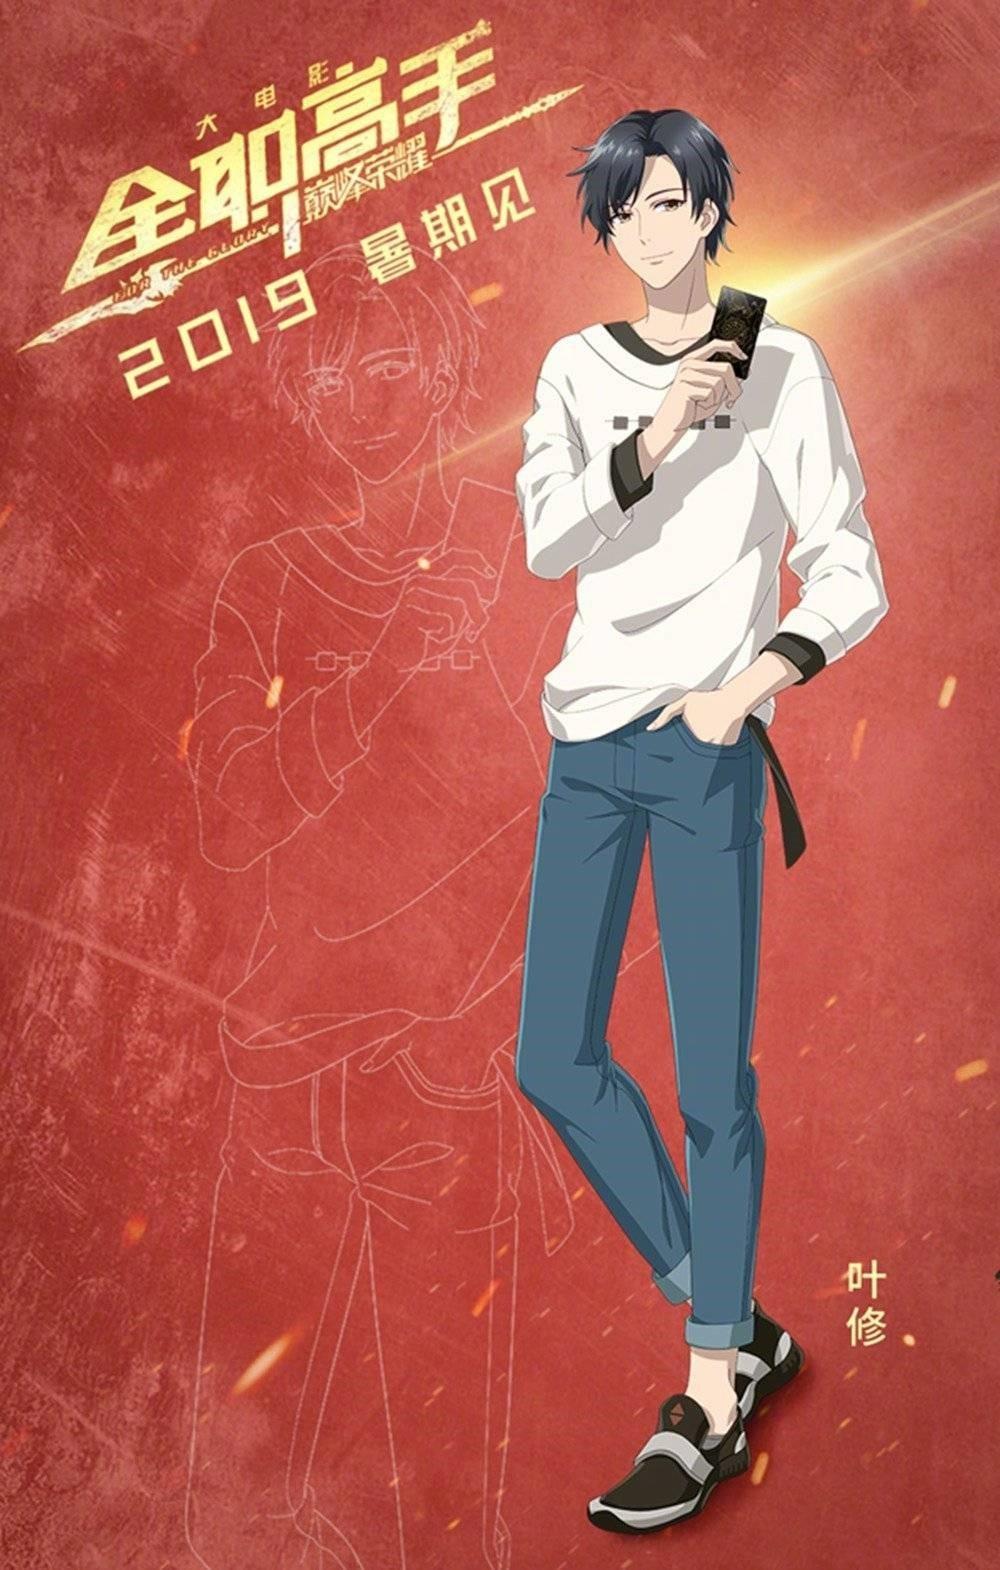 【资迅】《全职高手》大电影概念海报公开 少年叶修暑期出征